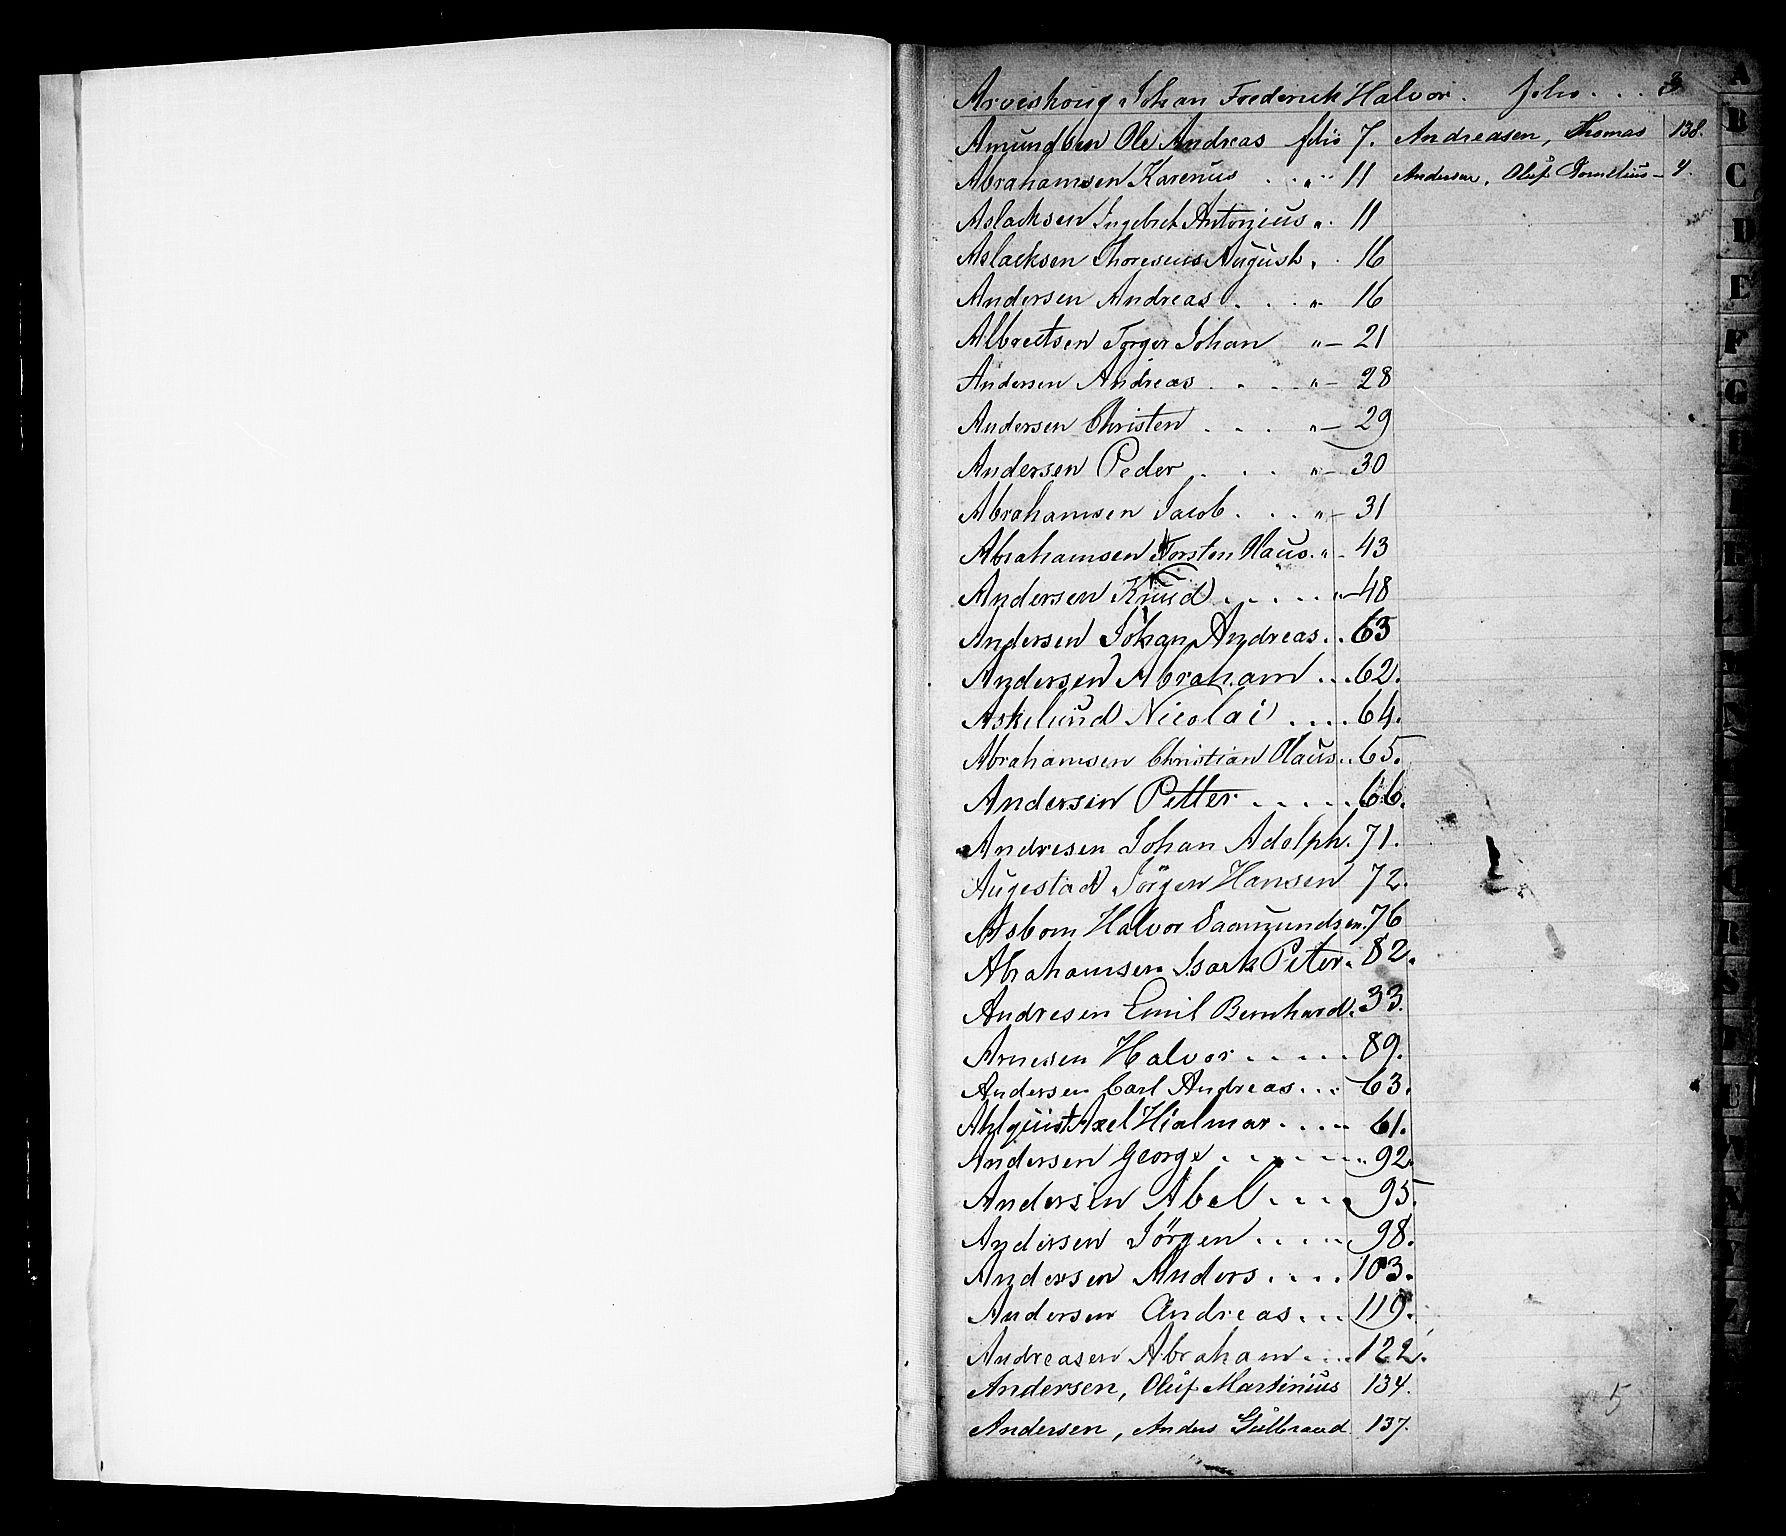 SAKO, Porsgrunn innrulleringskontor, F/Fb/L0001: Annotasjonsrulle, 1860-1868, s. 3